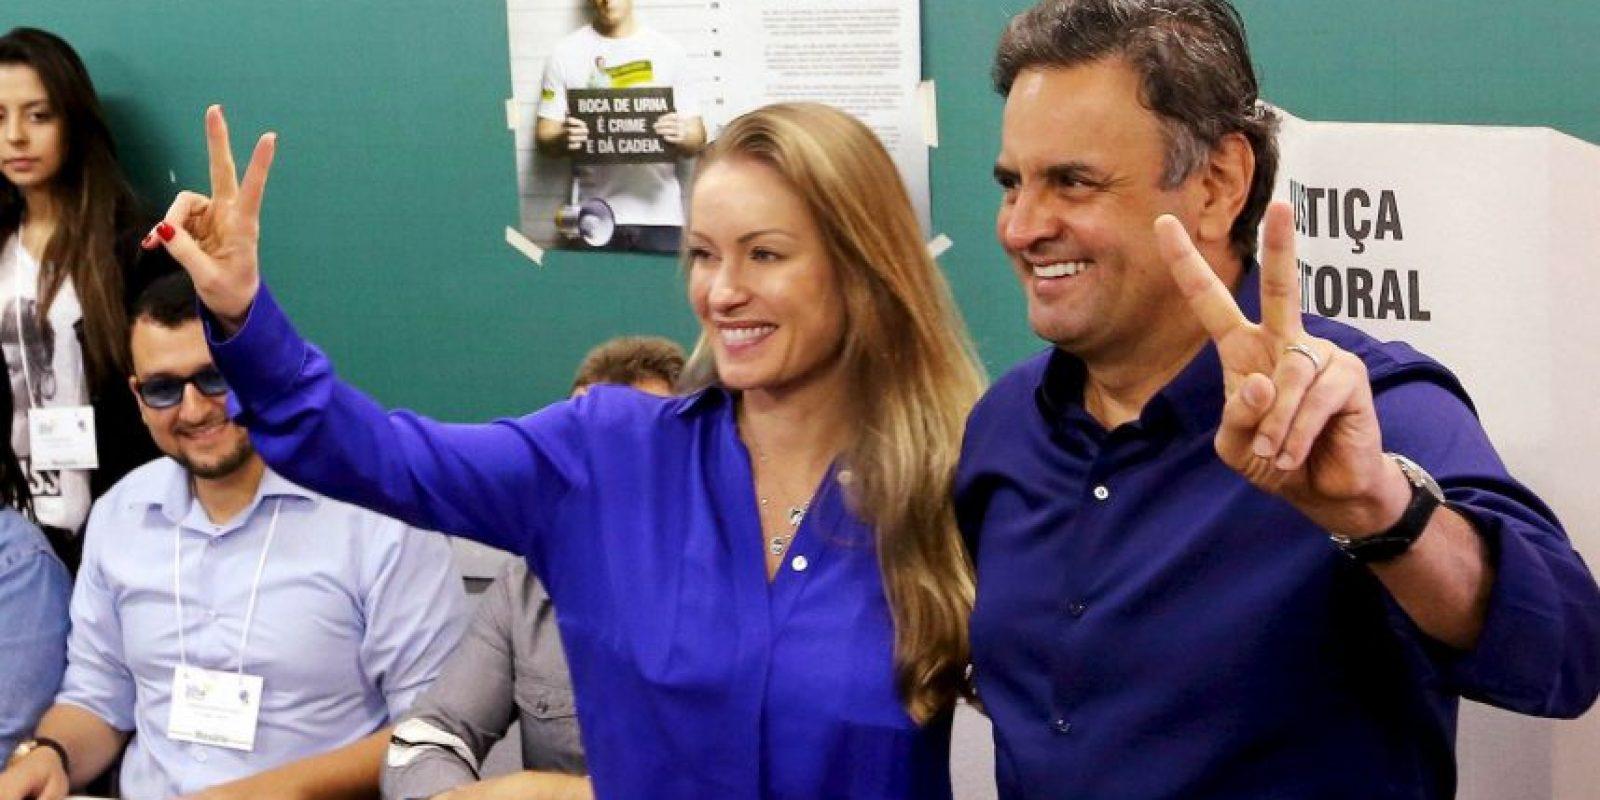 El candidato Aécio Neves sufragando Foto:AP